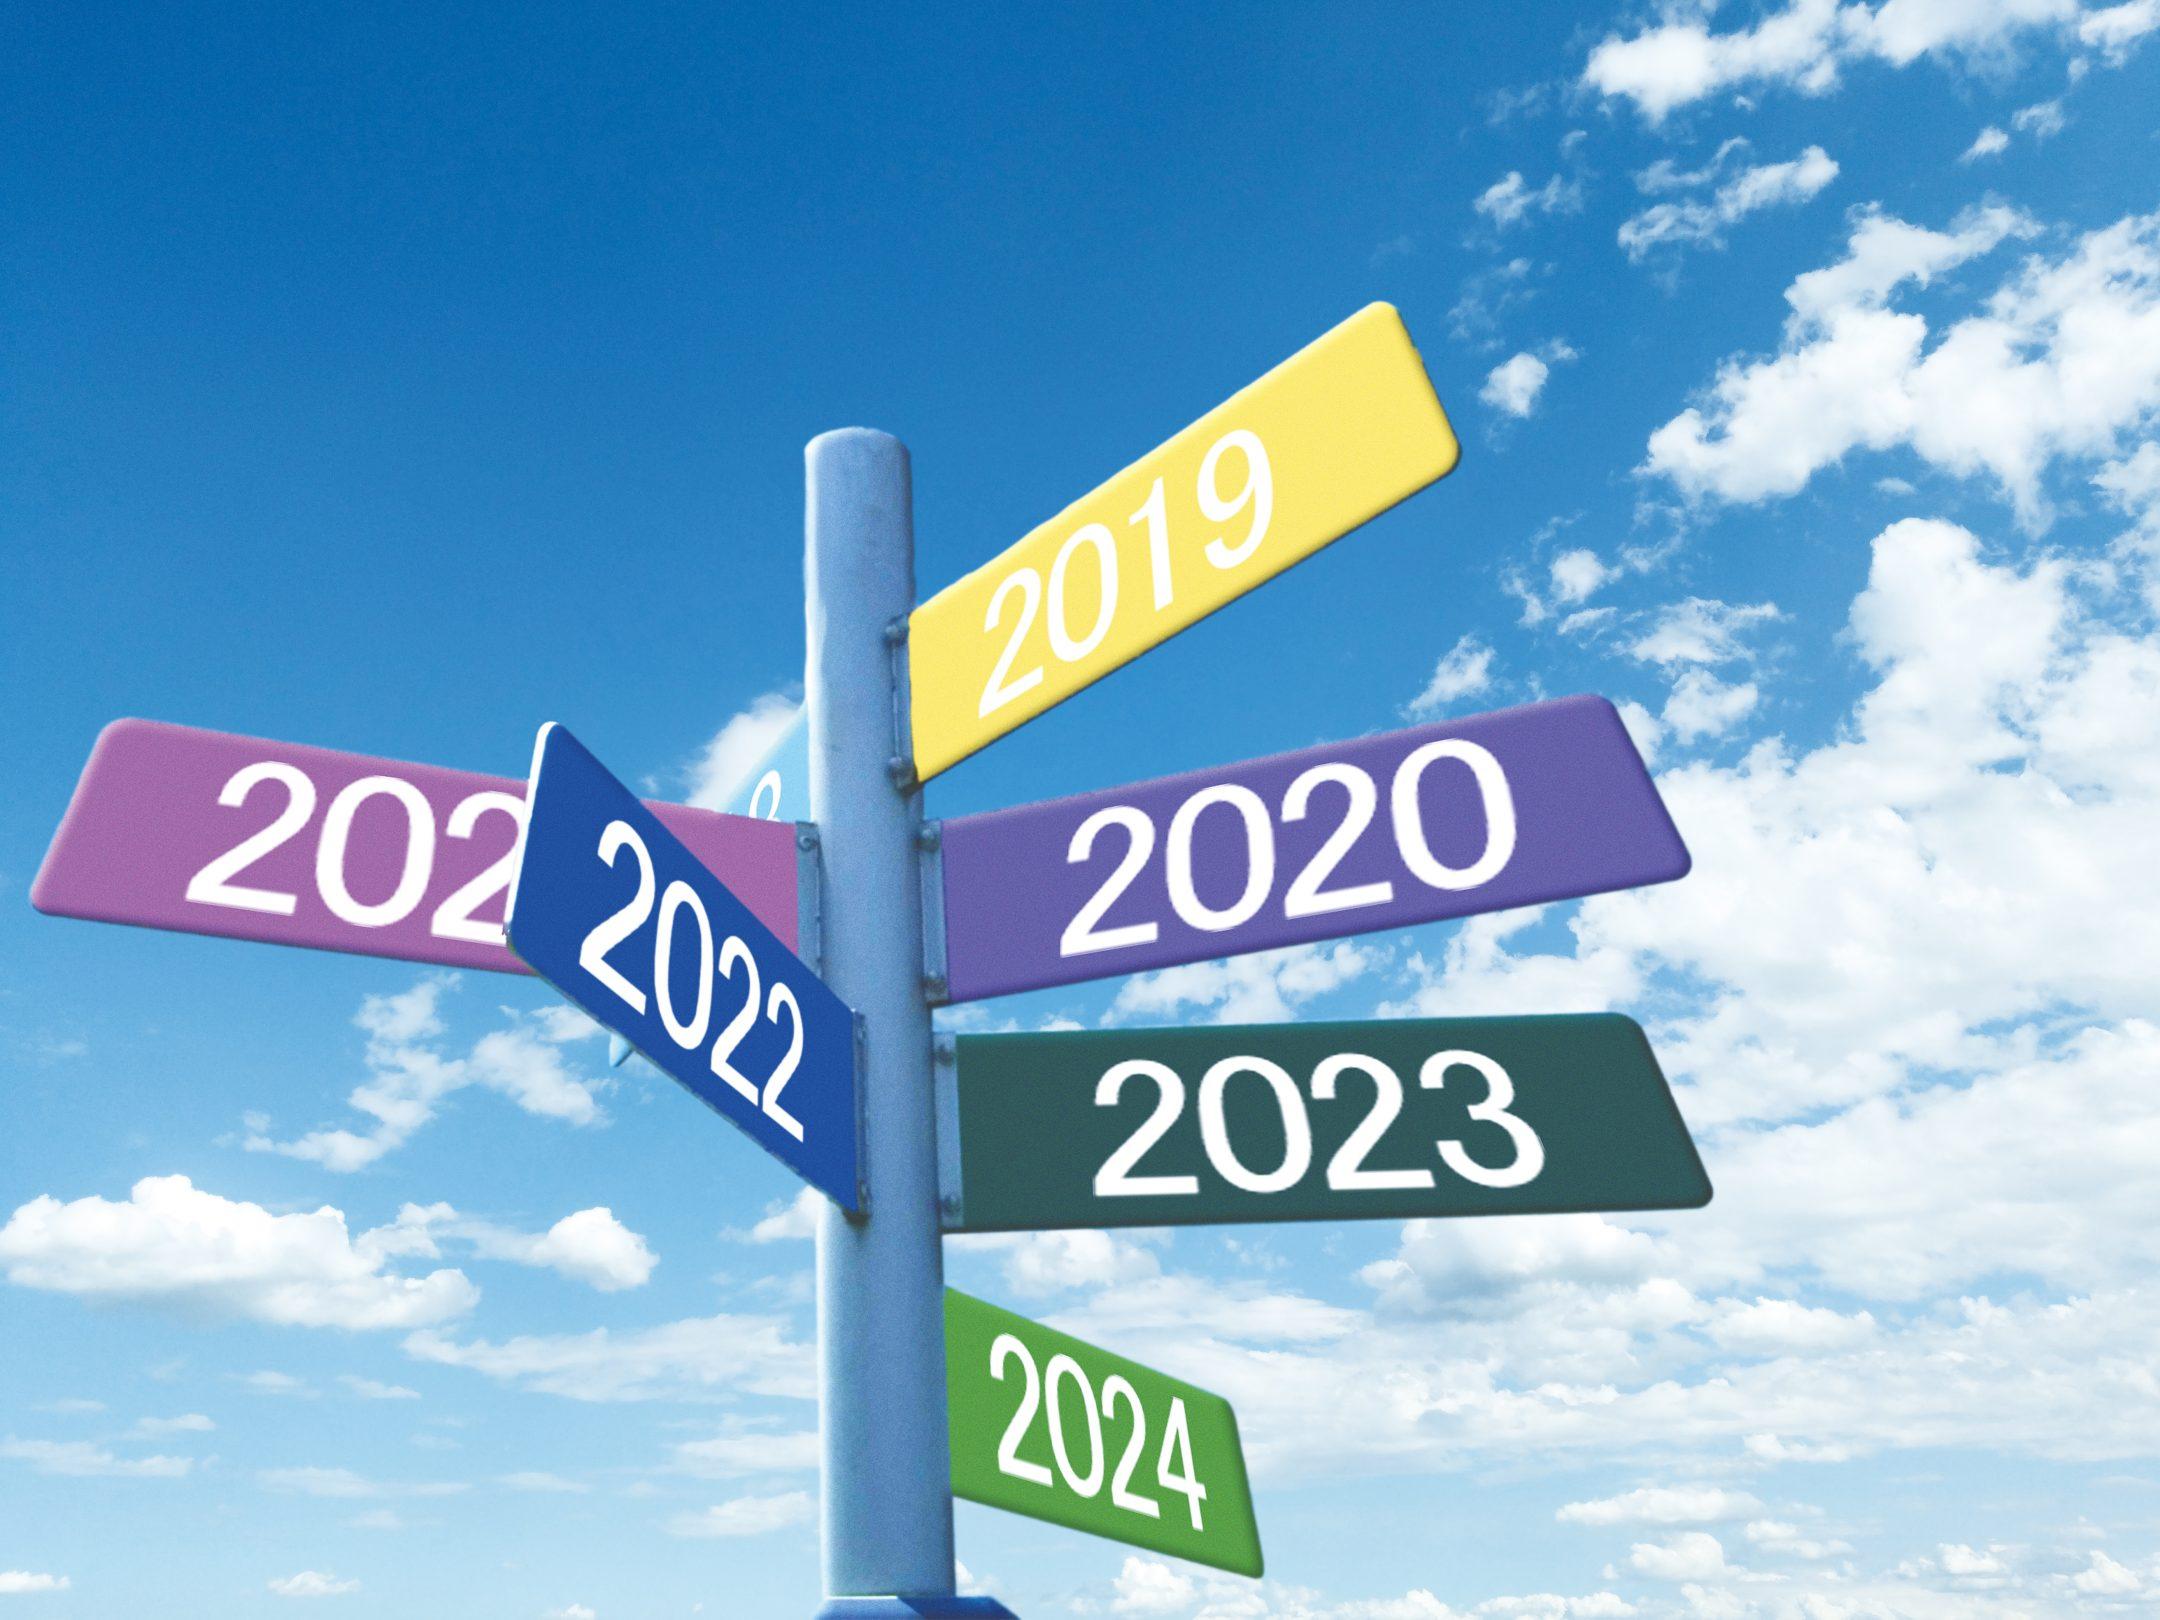 改正医療法成立 医師の「働き方改革」加速へ